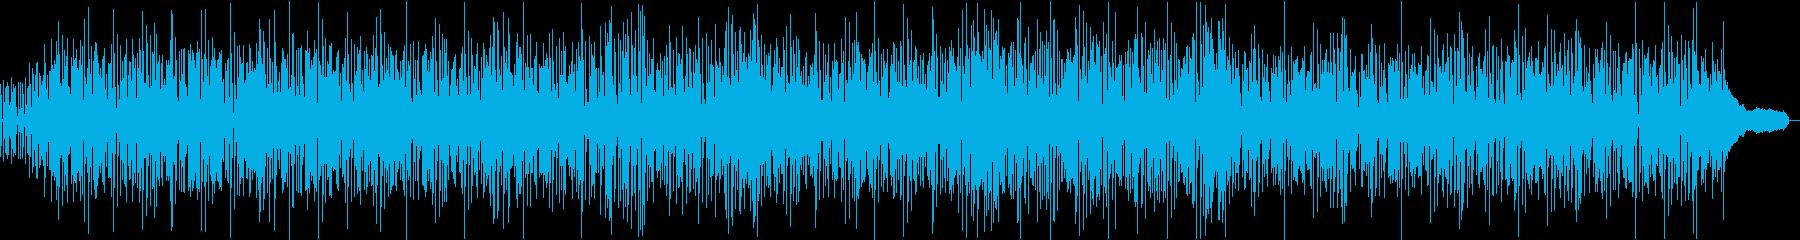 トロピカルでかわいいボサノバ風ポップスの再生済みの波形